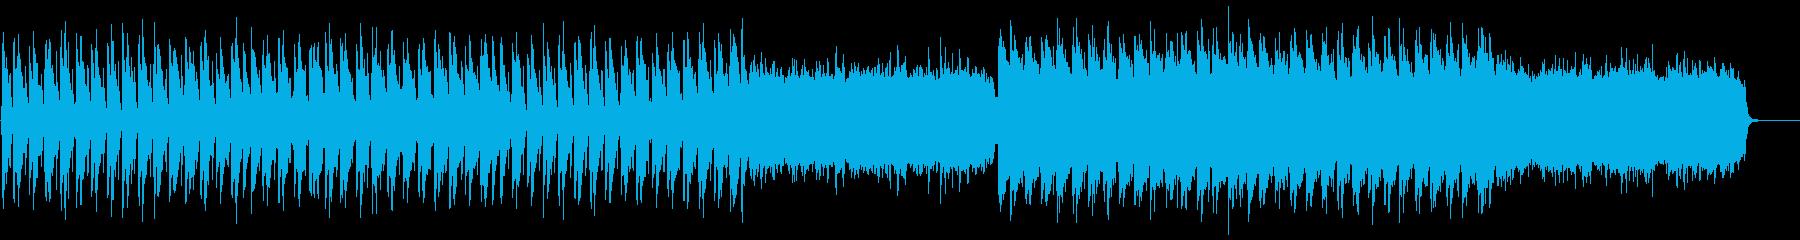 ゆったりとした和風、日本風のBGMの再生済みの波形